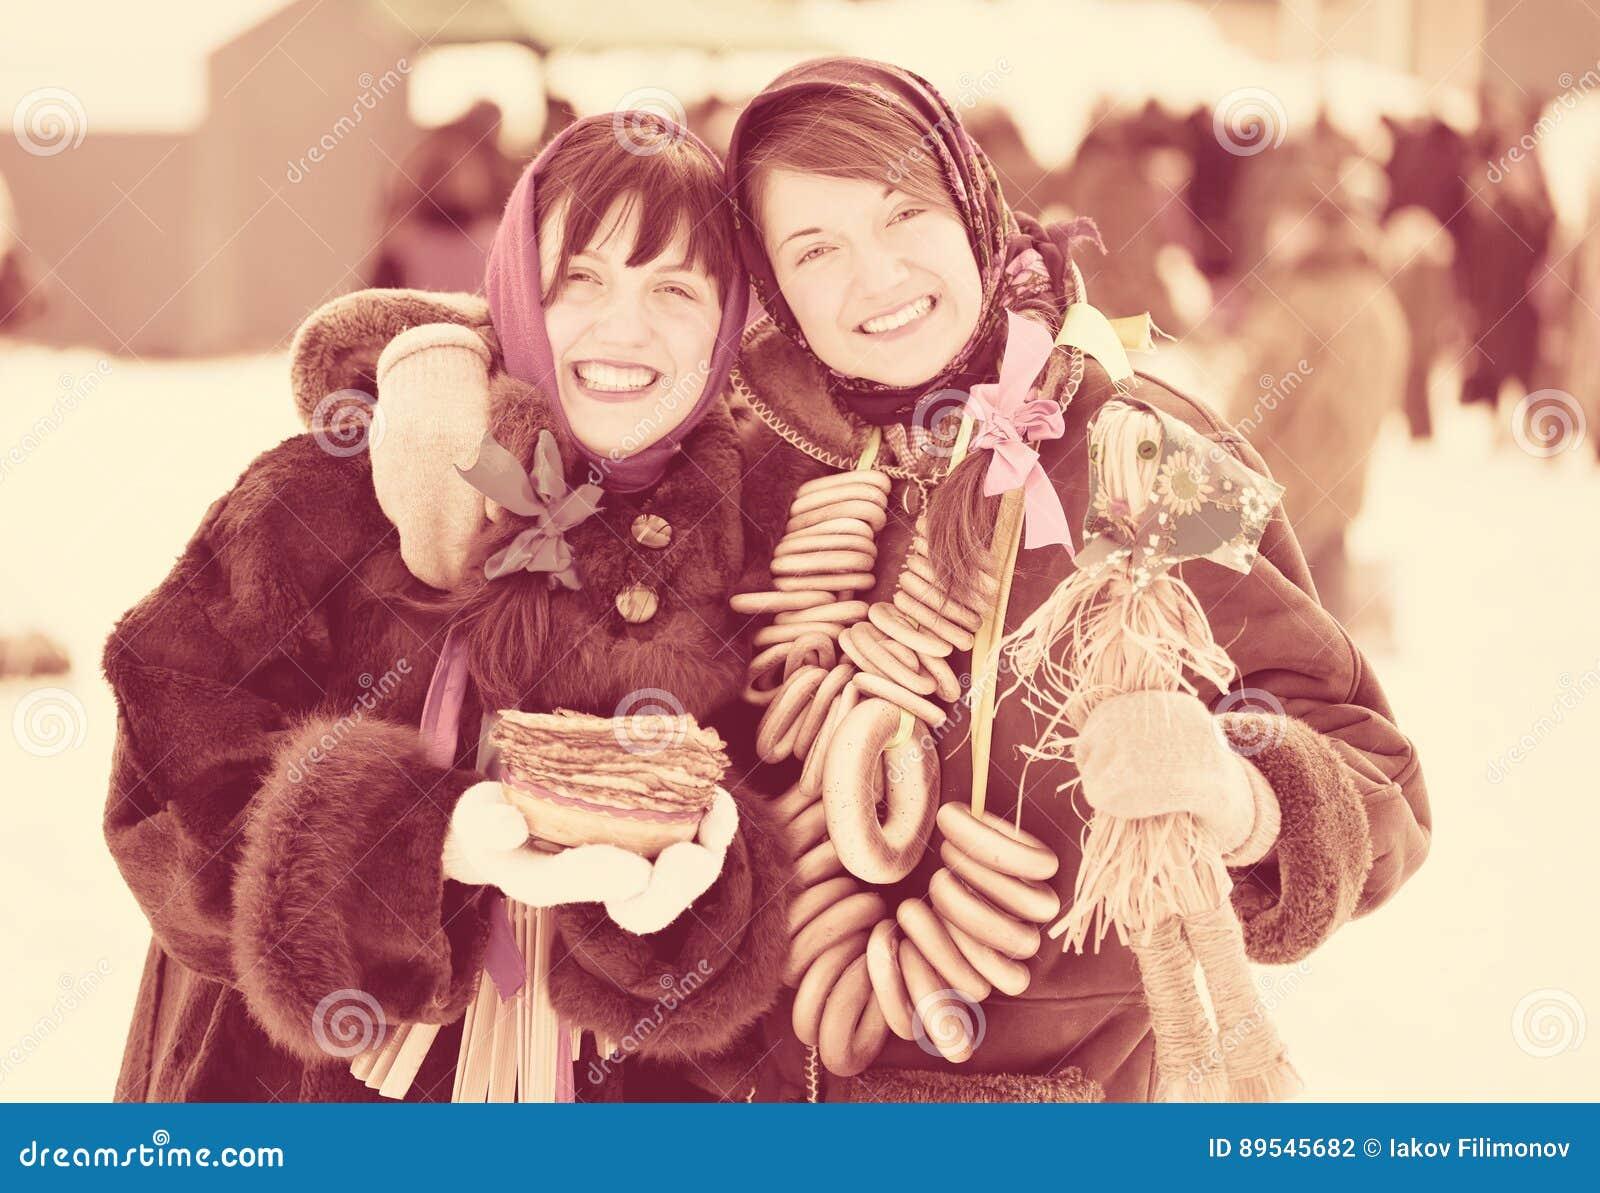 Muchachas con la crepe y la galletita crujiente redonda durante Shrovetide